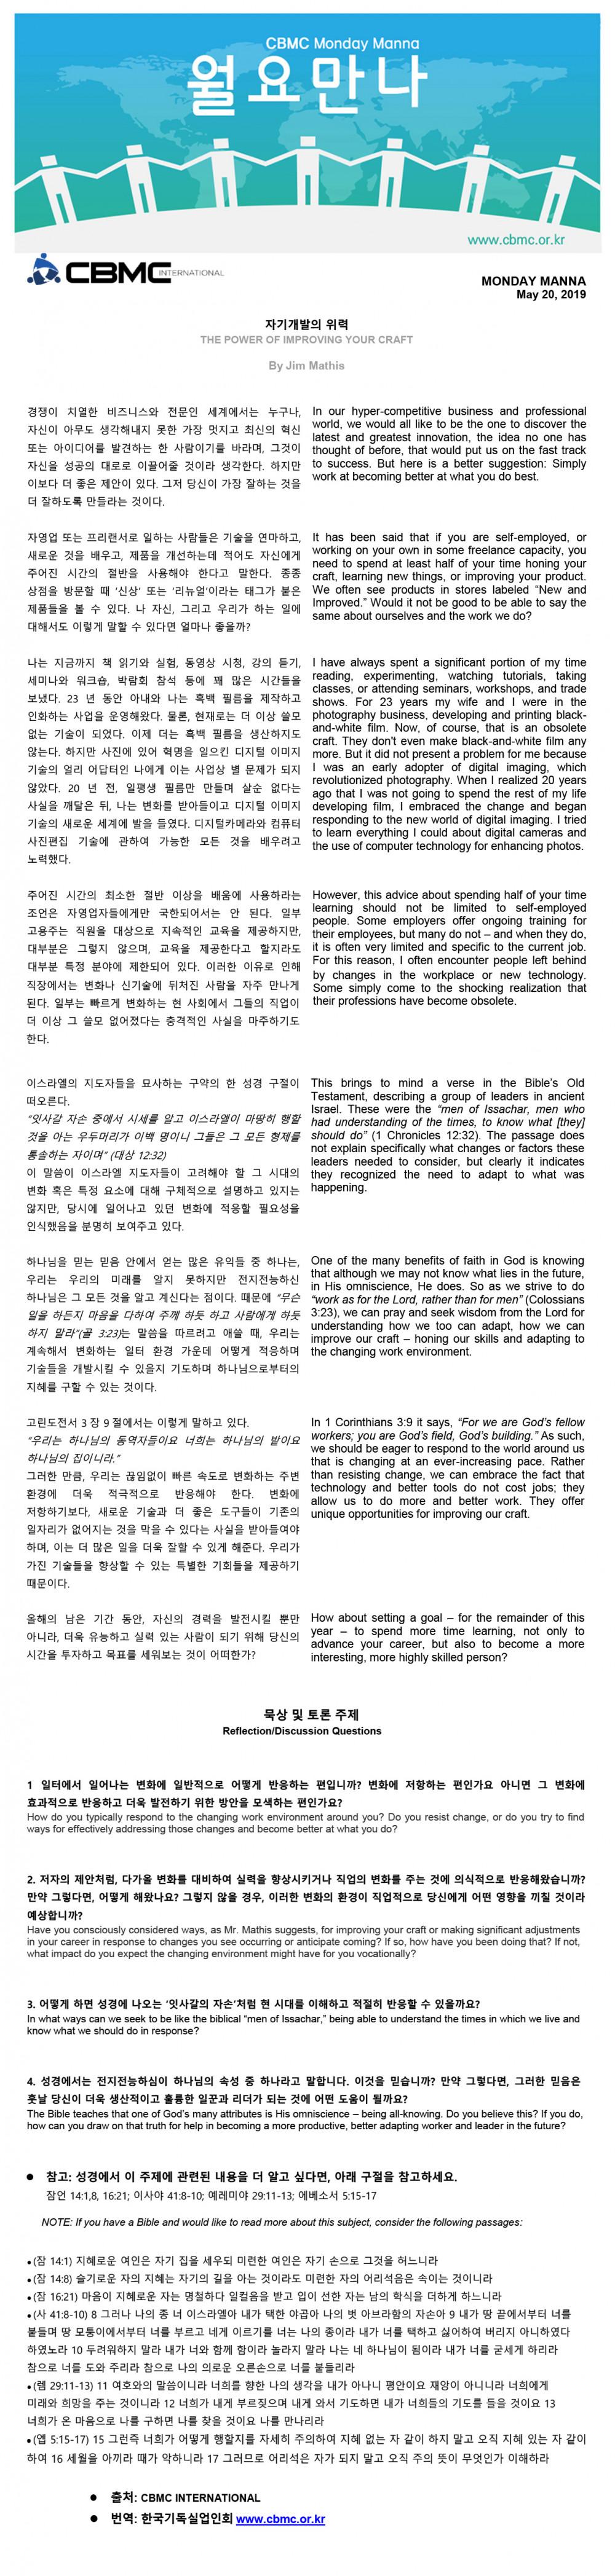 월요만나-자기개발의 위력_190520_한영버전.jpg